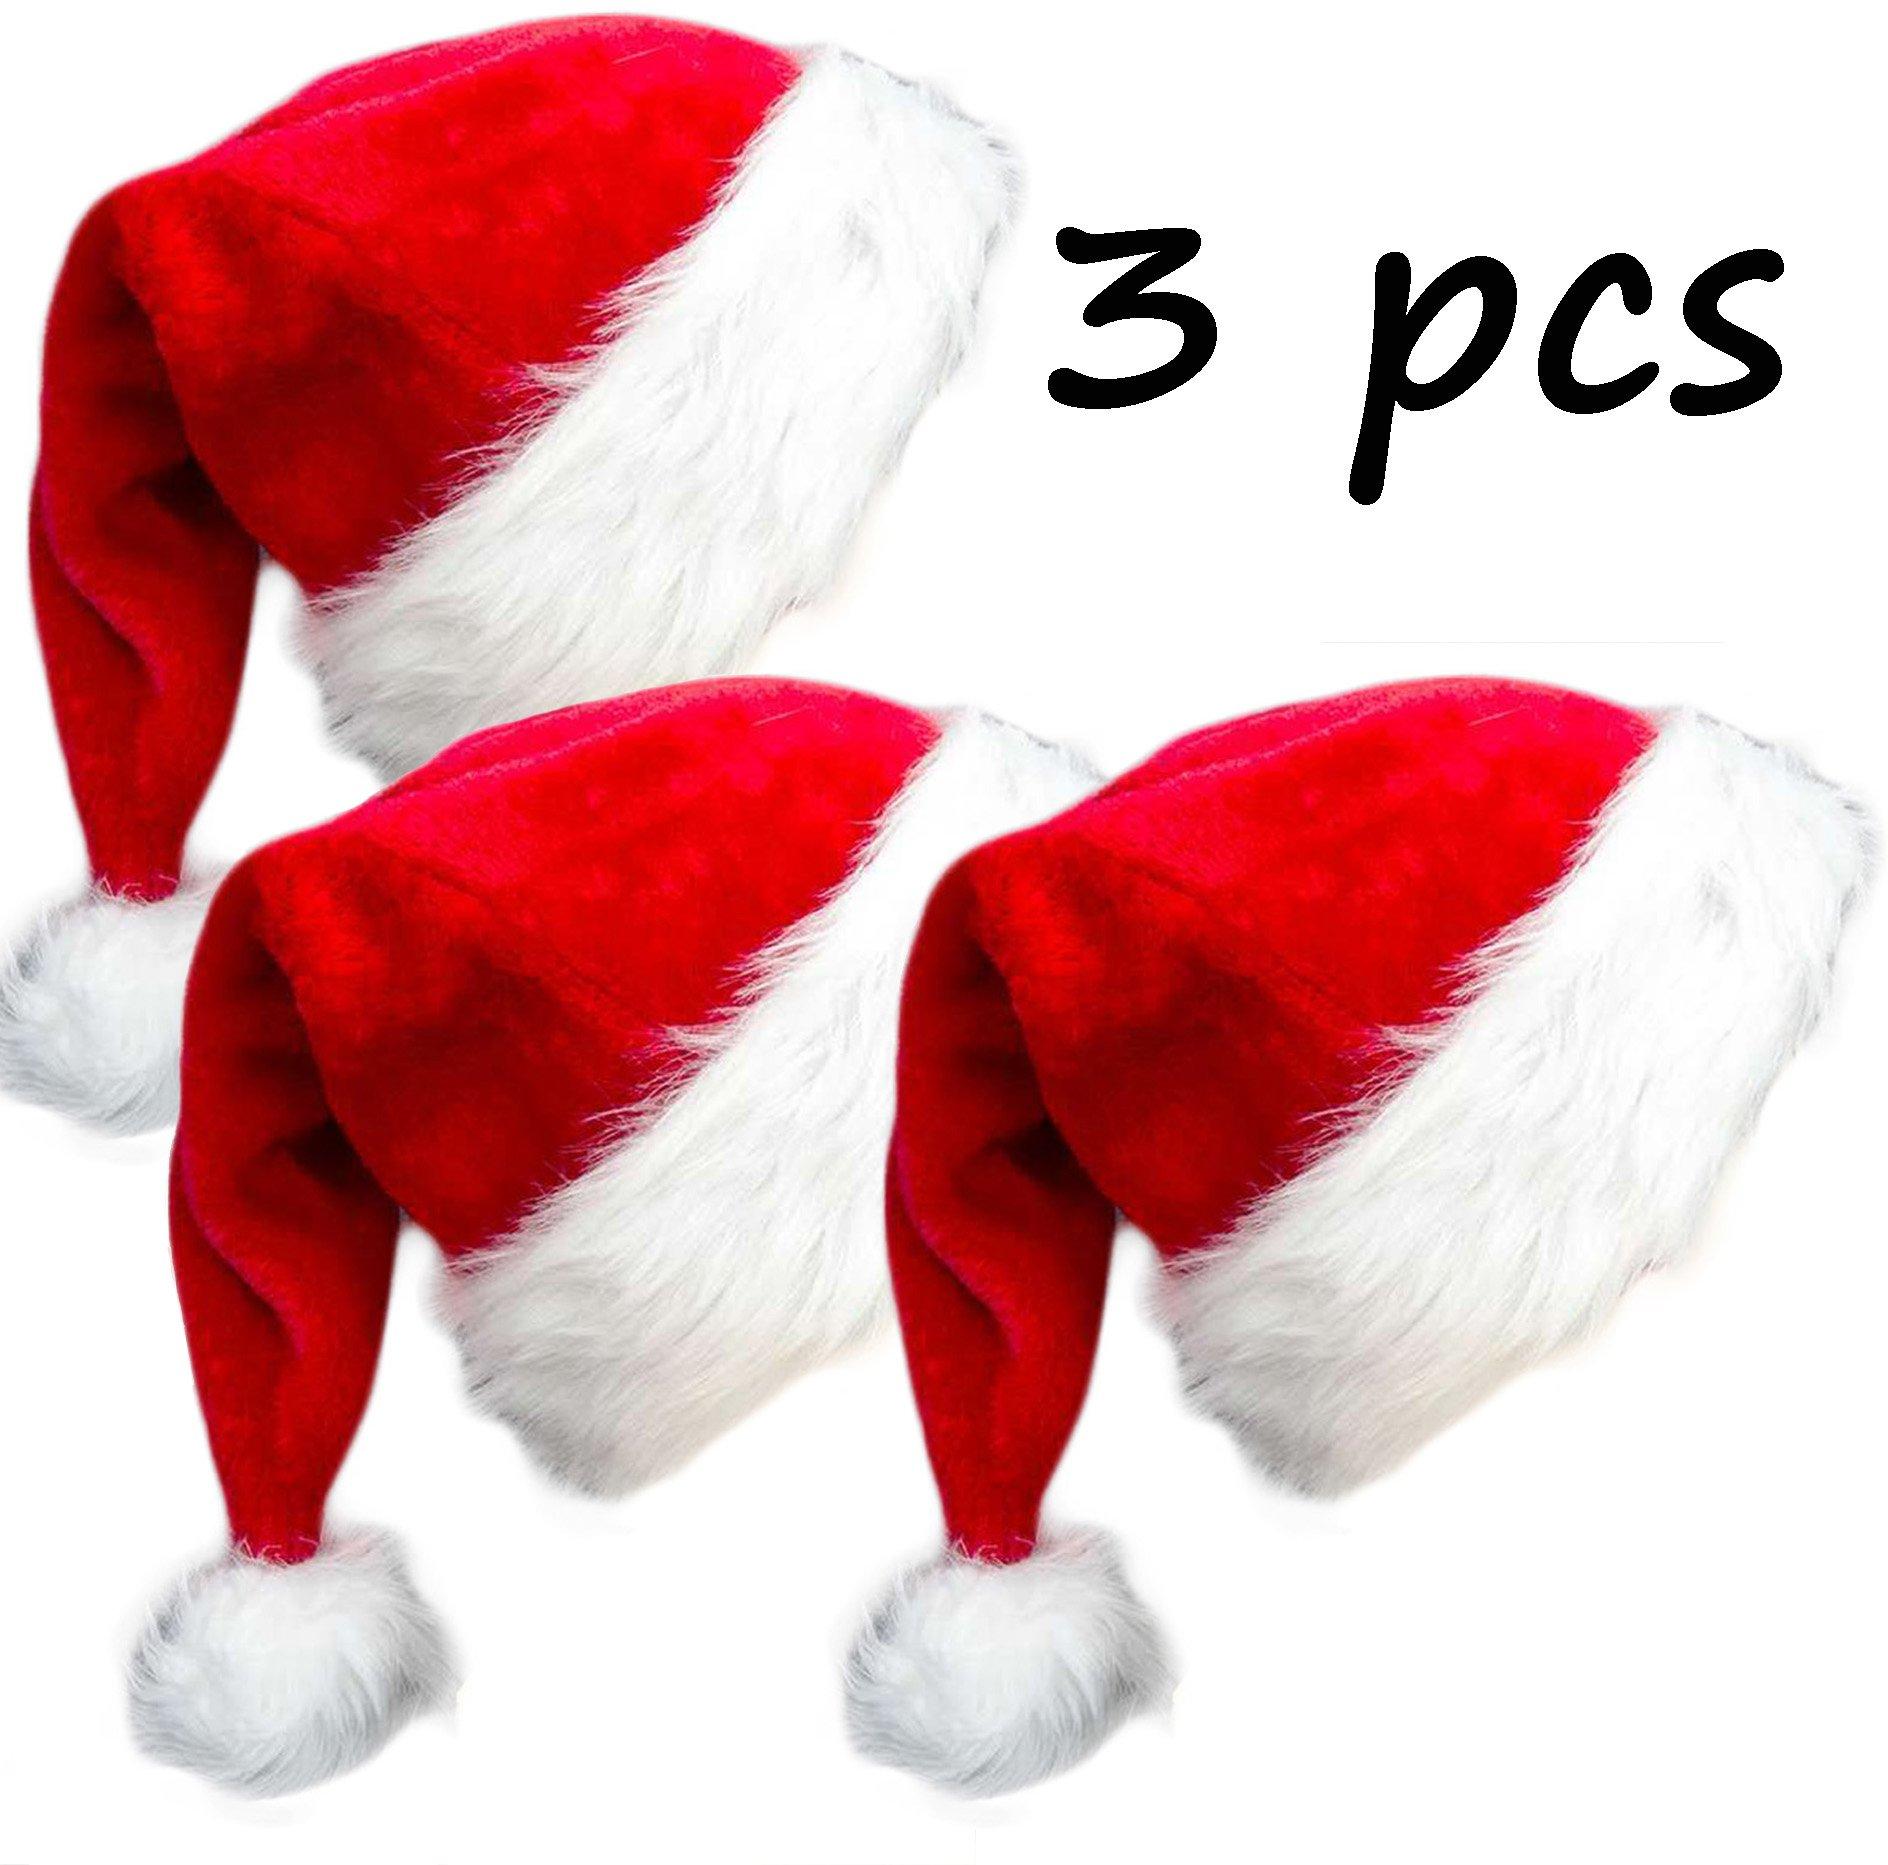 3 Pack Plush Christmas Hat Santa Hat for Adults Red Velvet Comfort Liner Christmas Costume (Red)